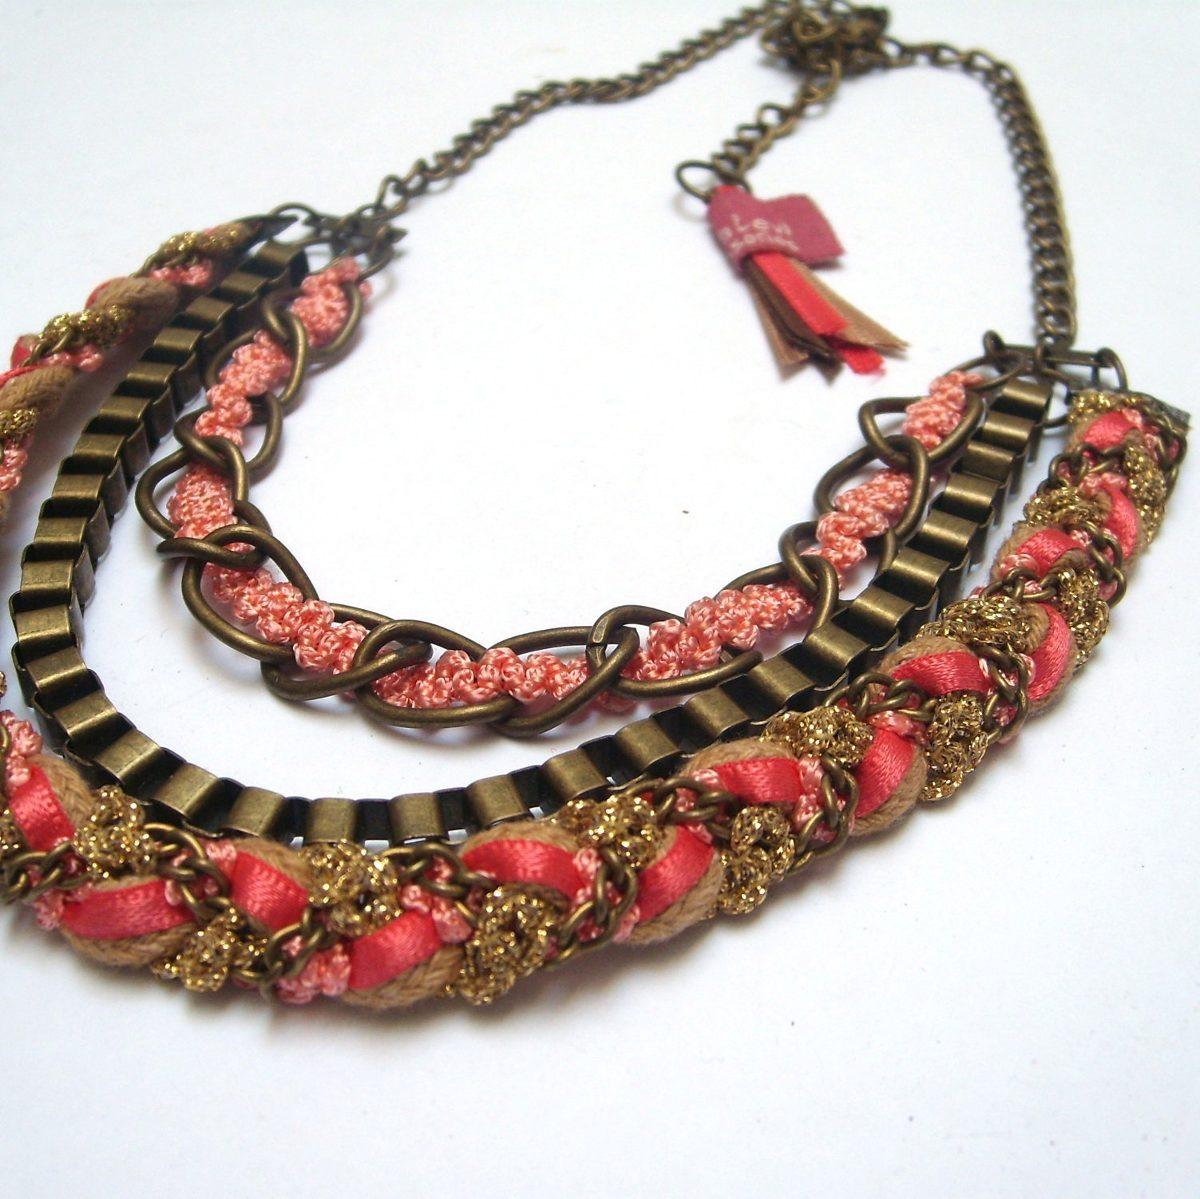 896725c6debb collar mujer accesorios bijouterie bella levi accesorios. Cargando zoom.